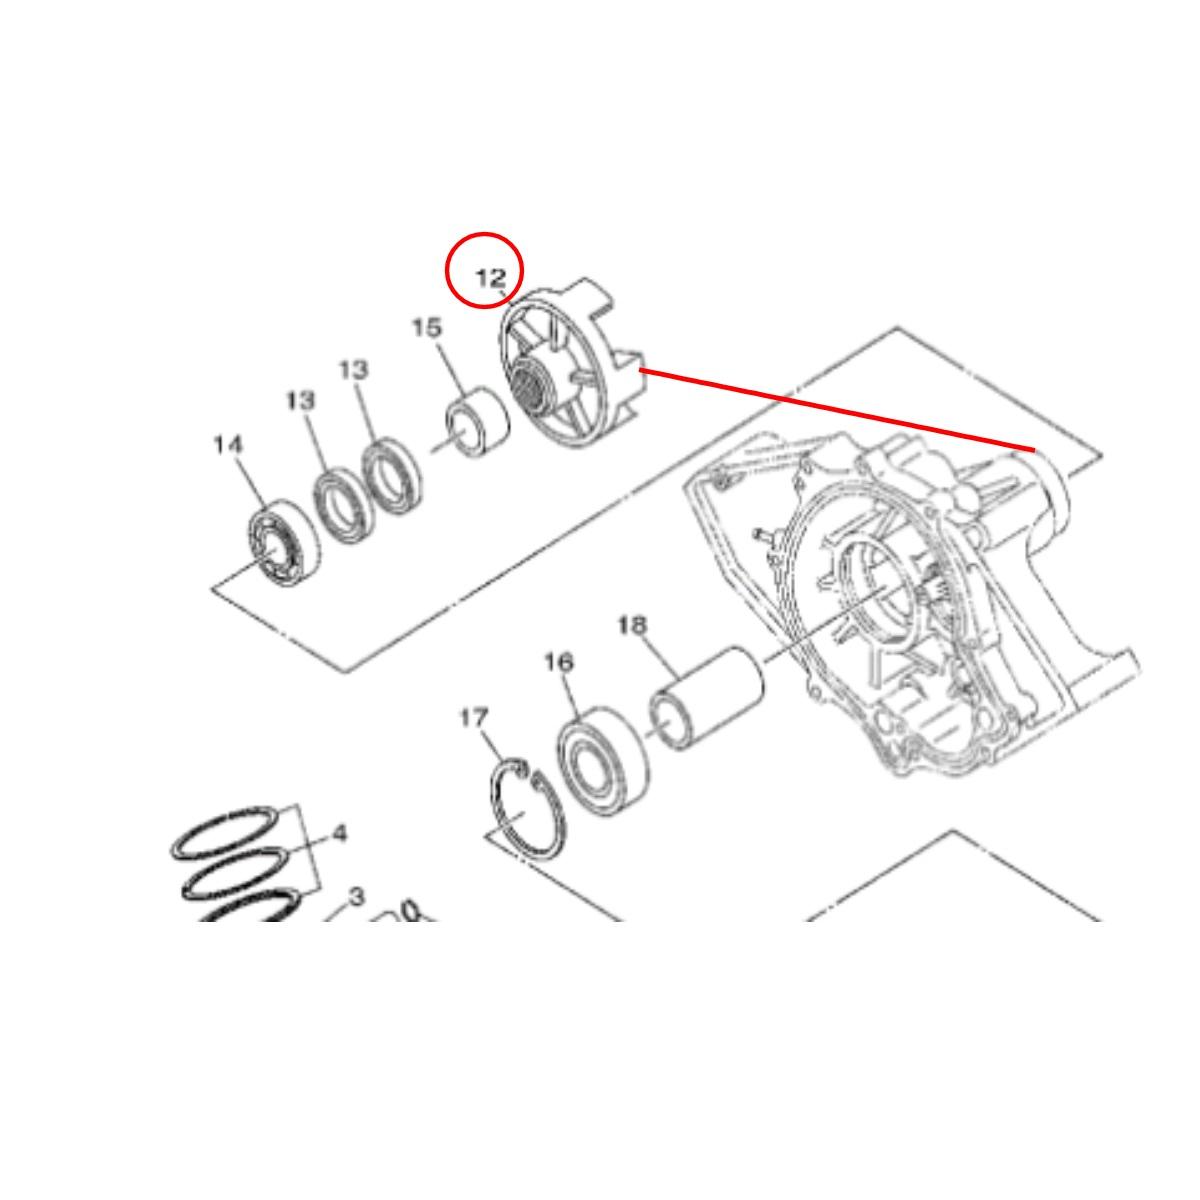 Acoplador para Jet Ski Yamaha VX 110 Original  - Radical Peças - Peças para Jet Ski